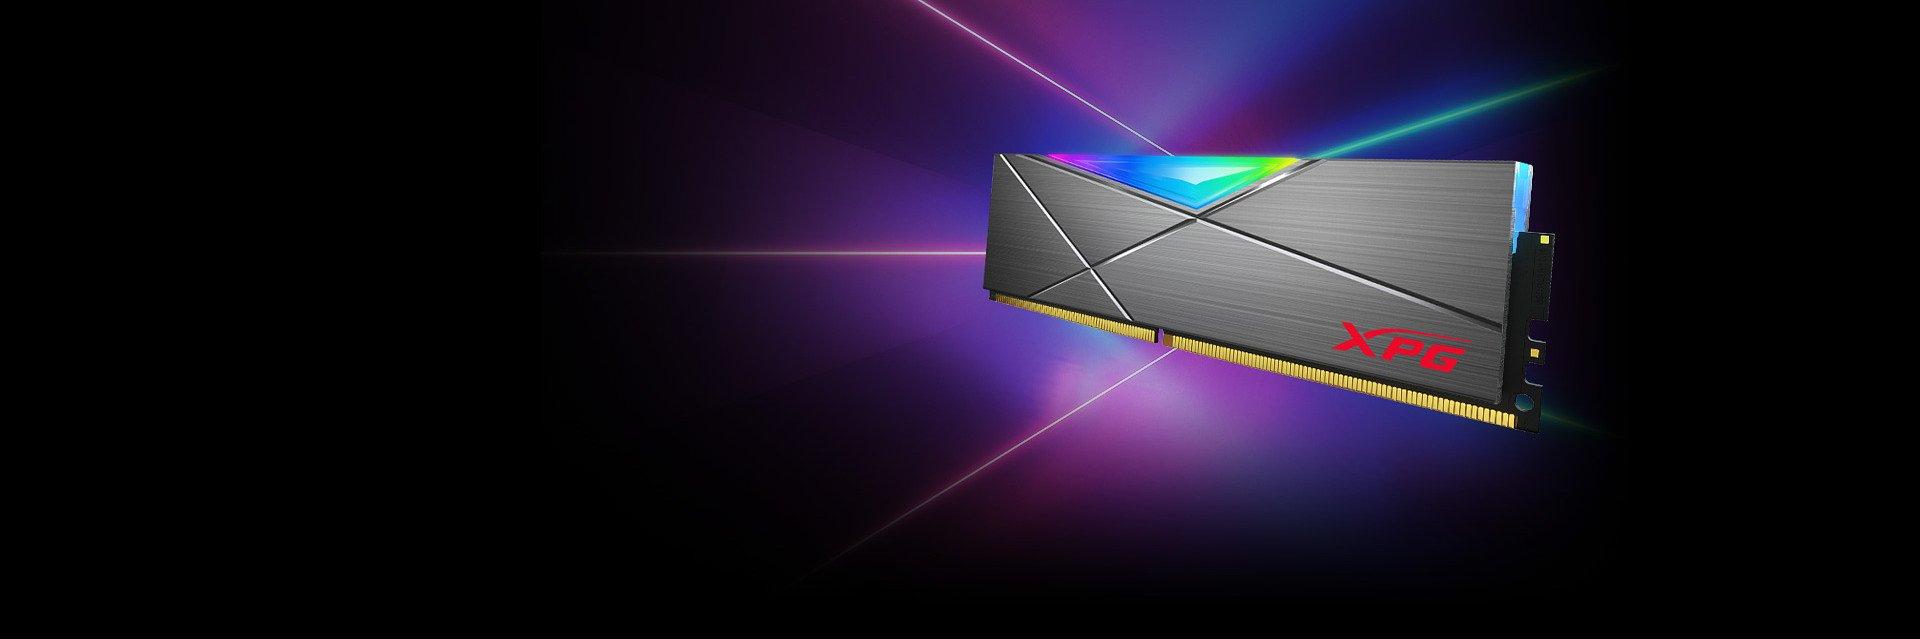 SPECTRIX D50 DDR4 RGB - najwydajniejsze moduły RAM dla PC od XPG